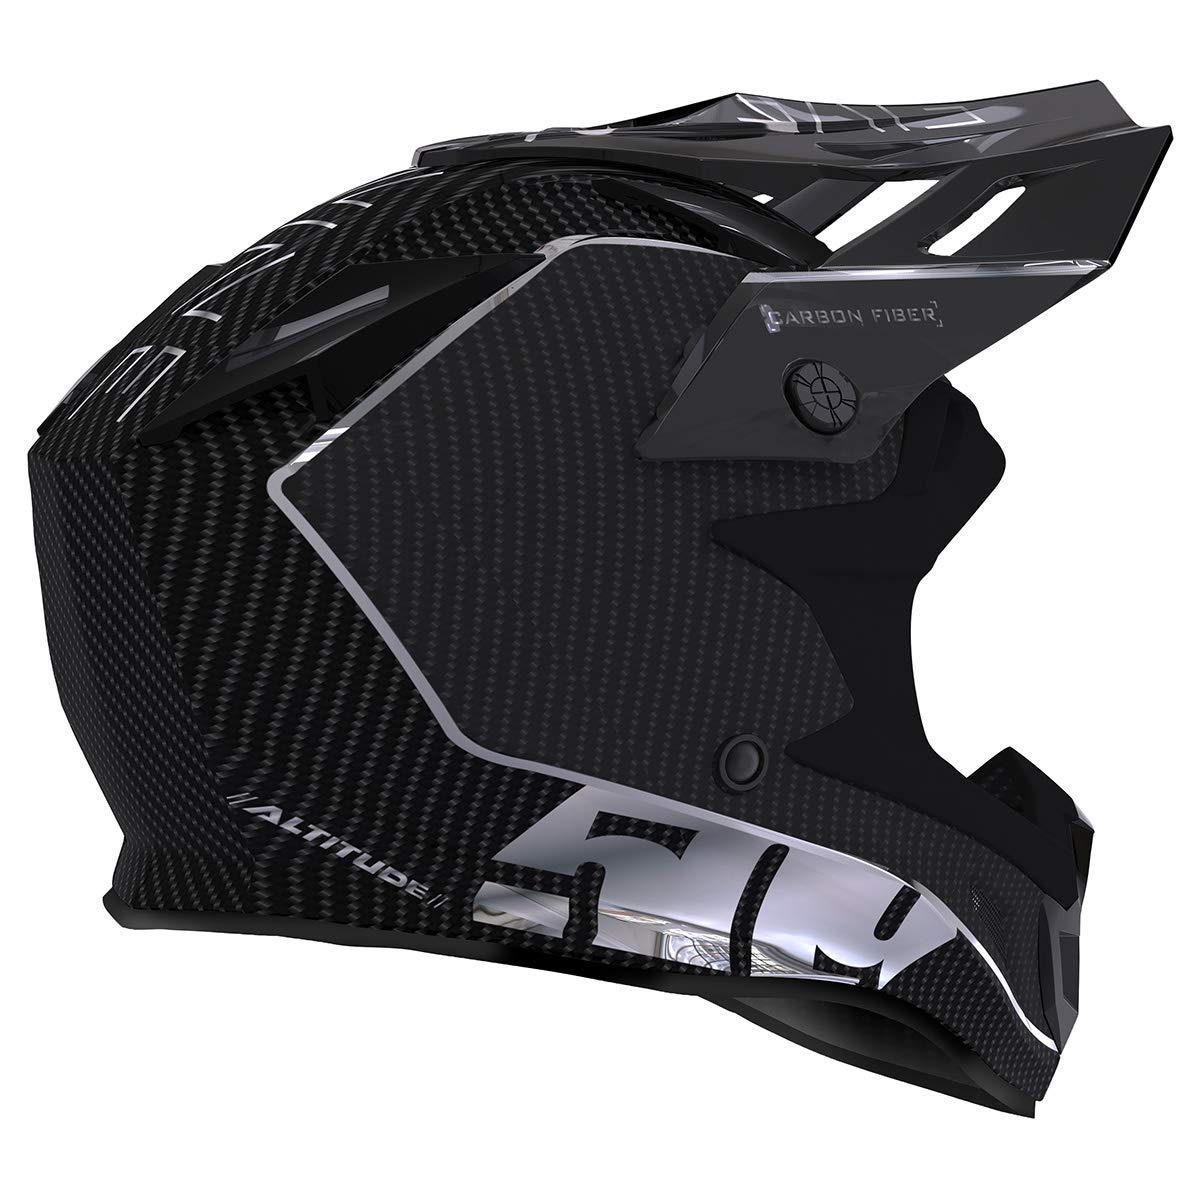 509 Altitude Carbon Fiber Helmet with Fidlock Off Grid Hi-Vis - Small F01000500-120-502